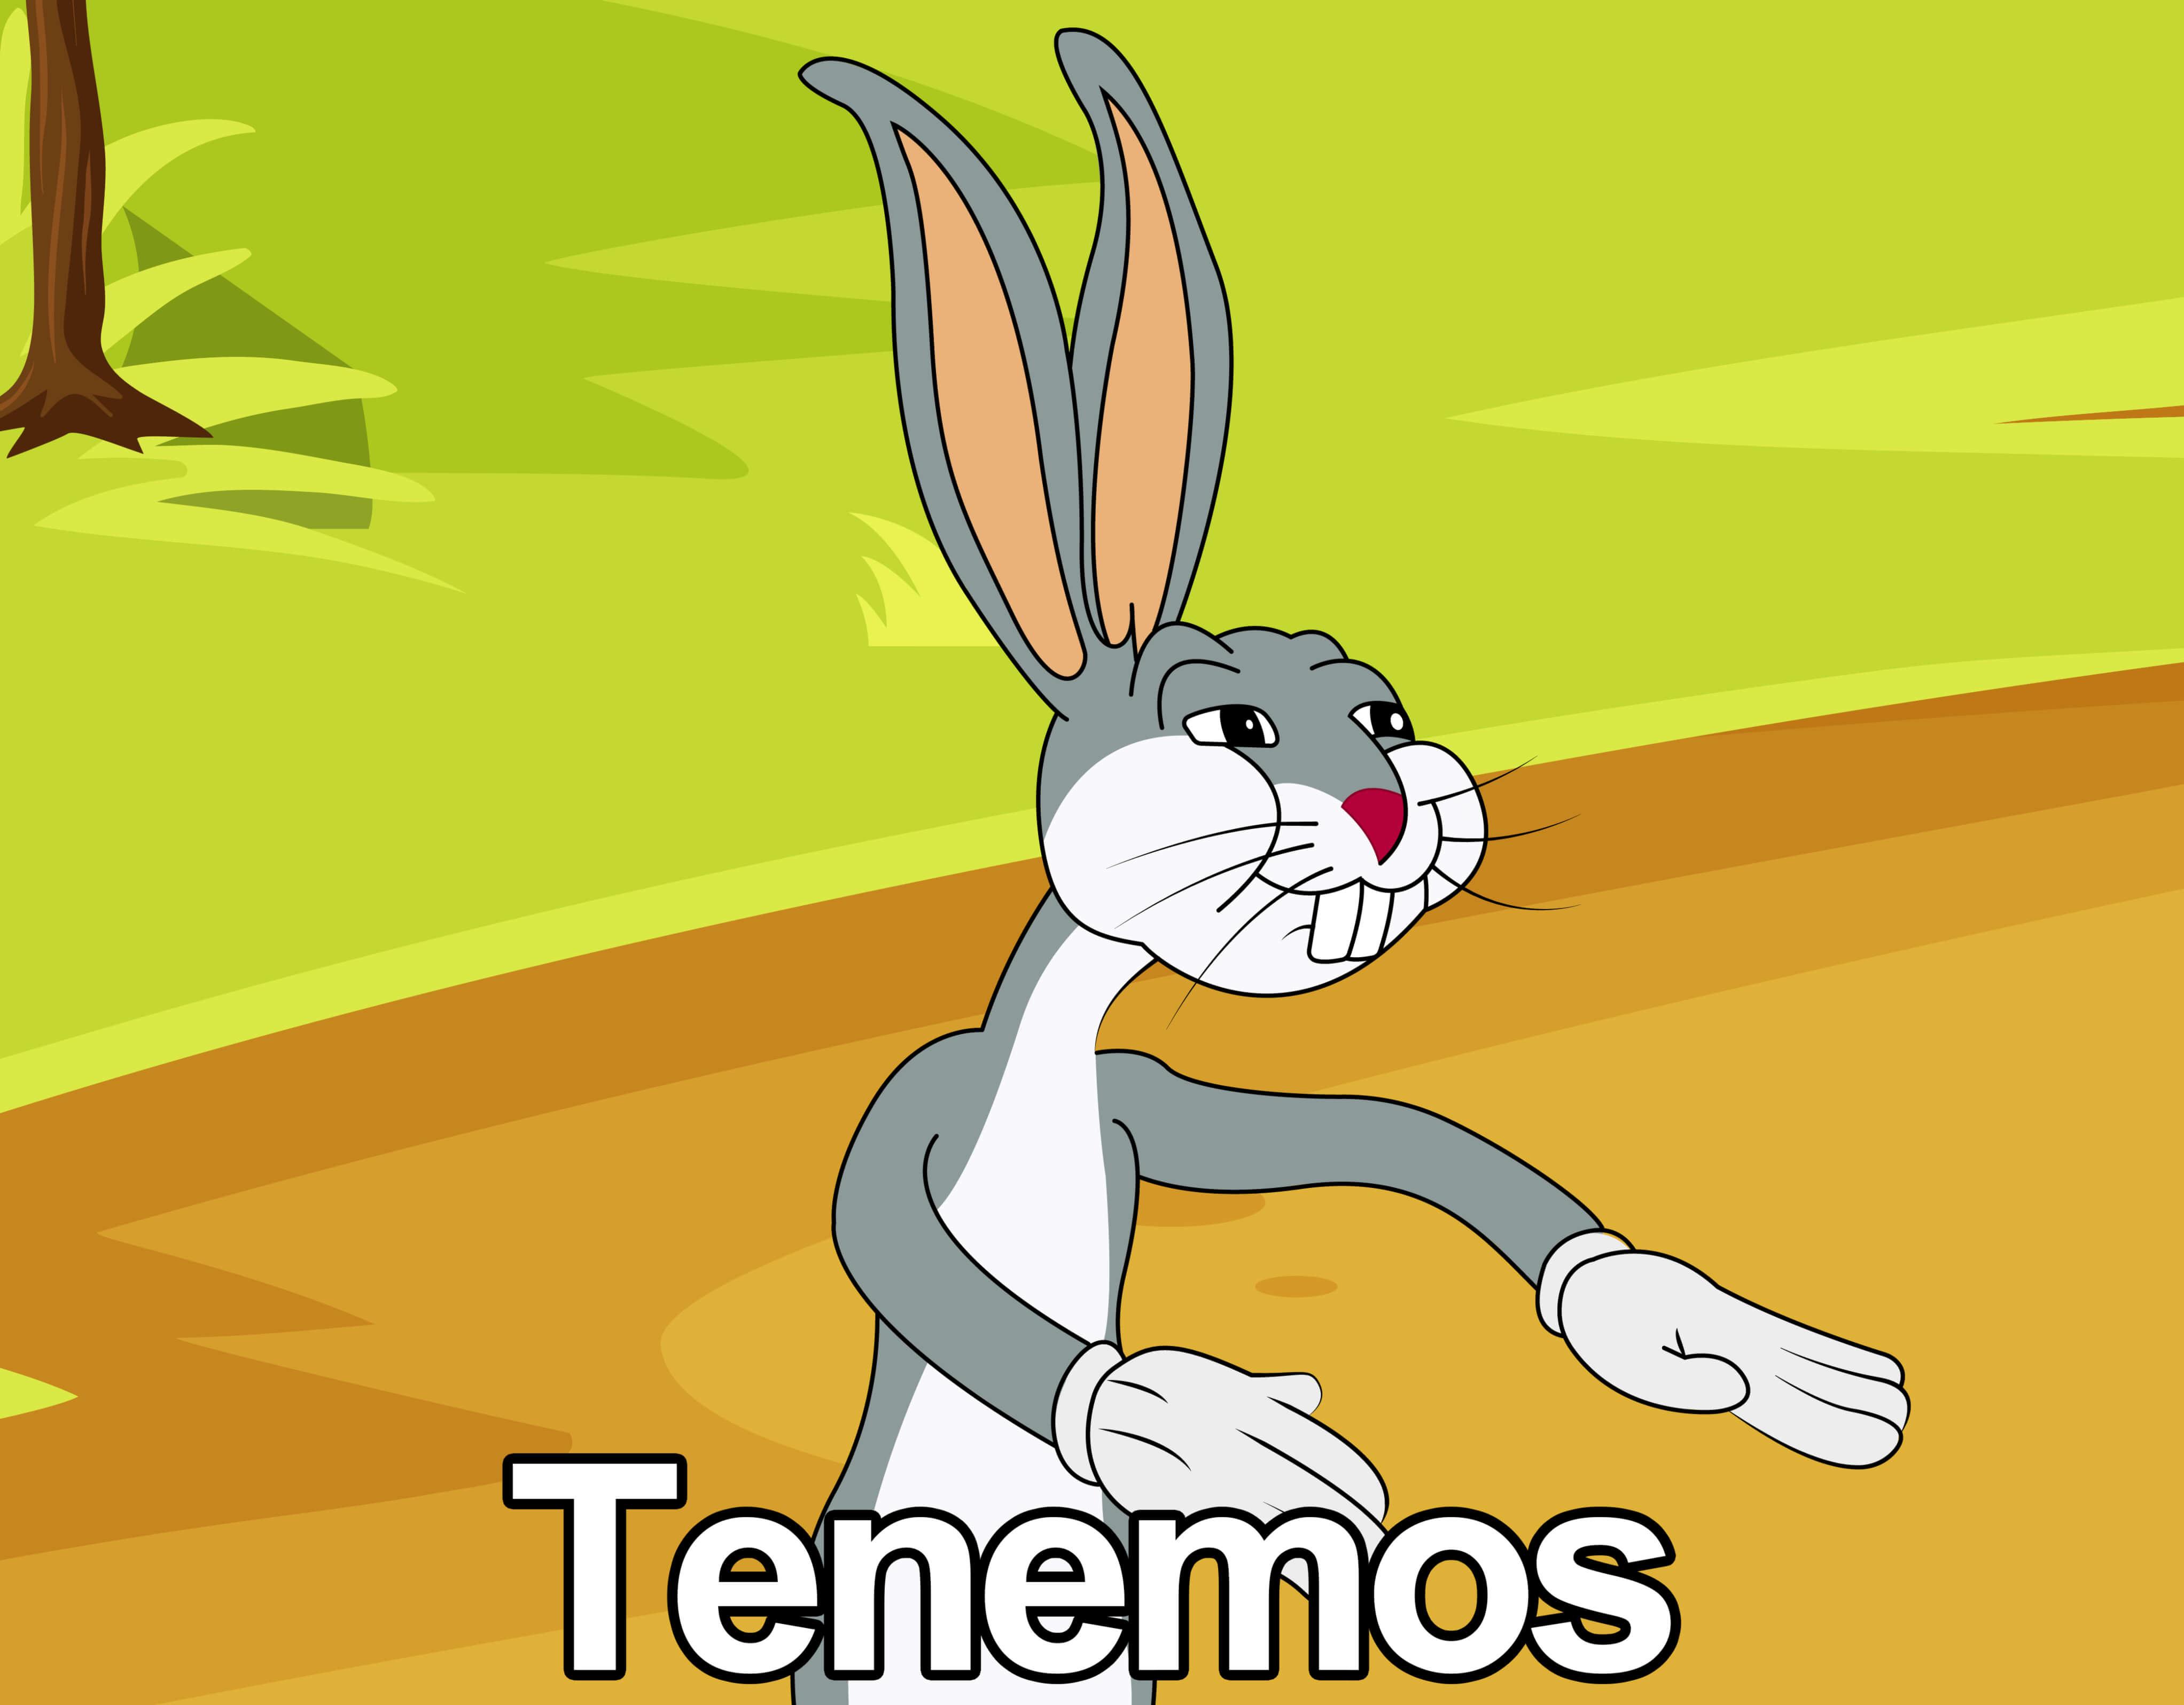 Plantilla de Bugs Bunny Tenemos